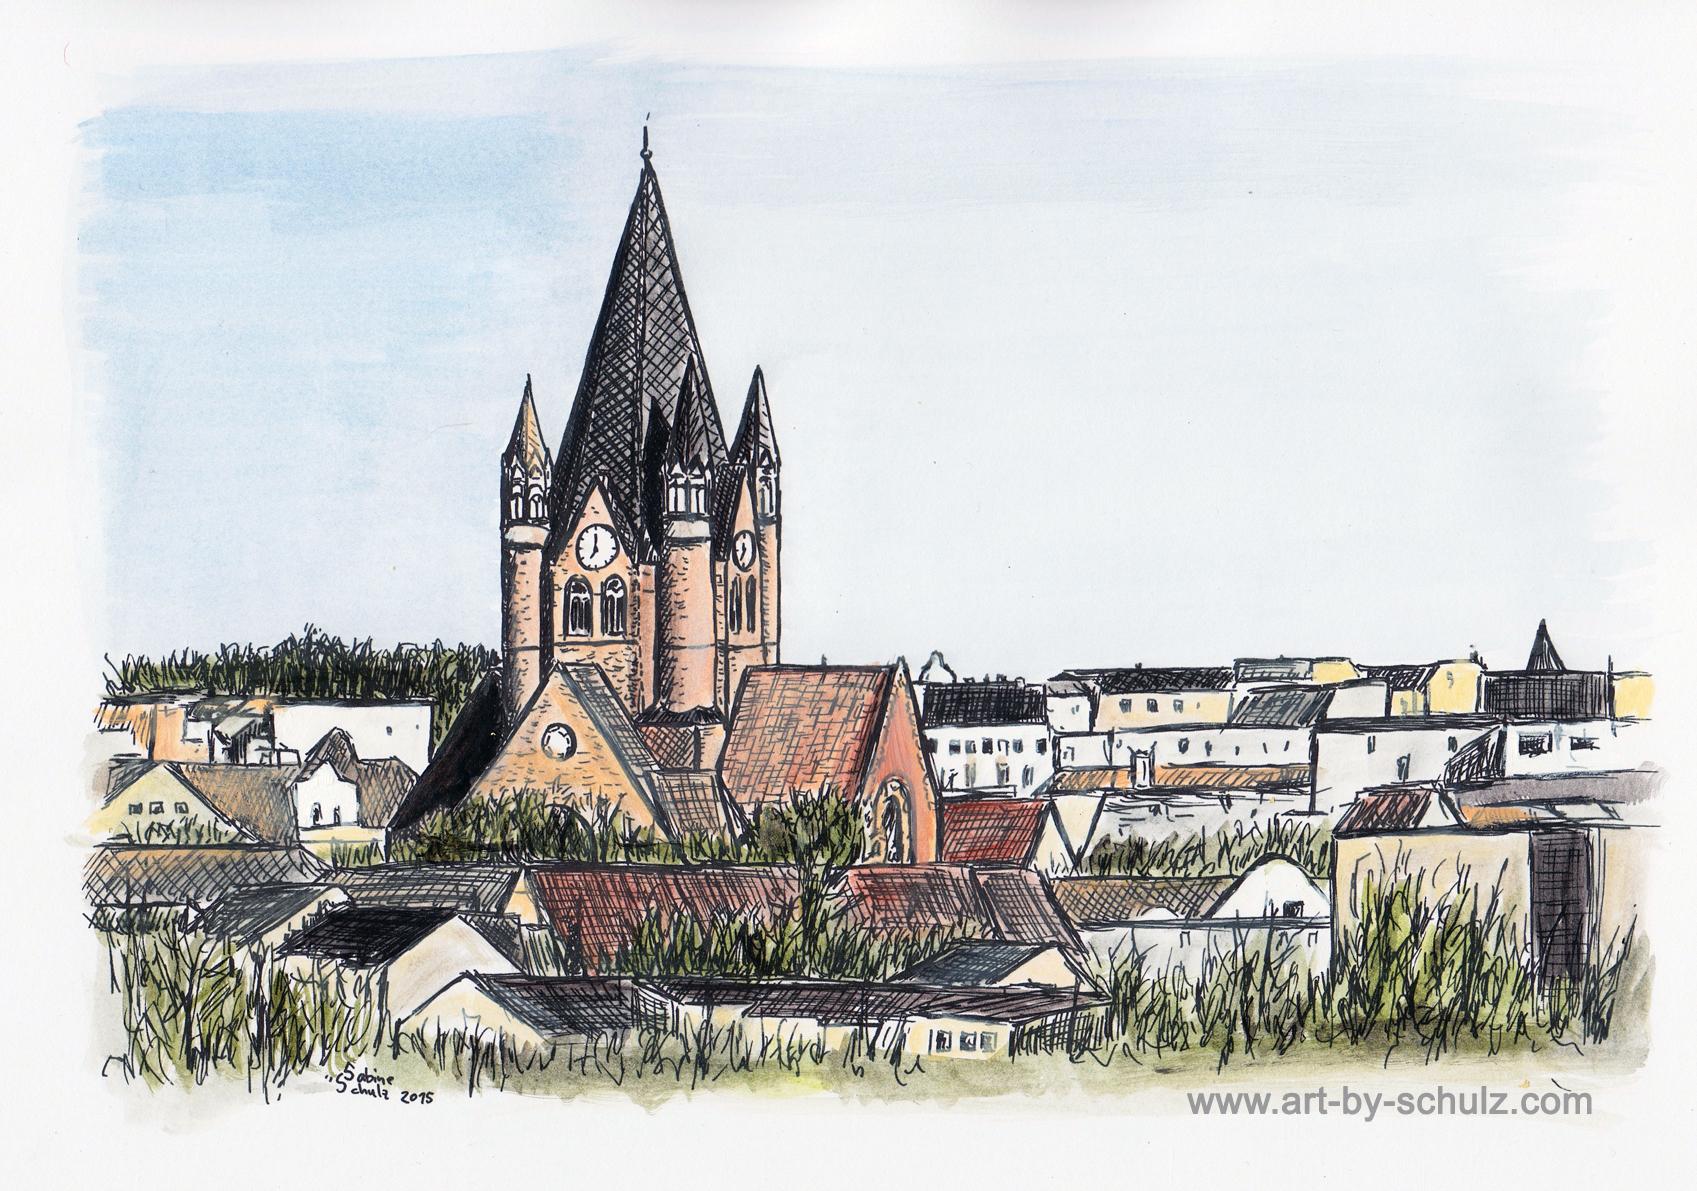 Pauluskirche, farbig, Halle (Saale), Sabine Schulz, Tusche, Tusche Verlag, Zeichnung